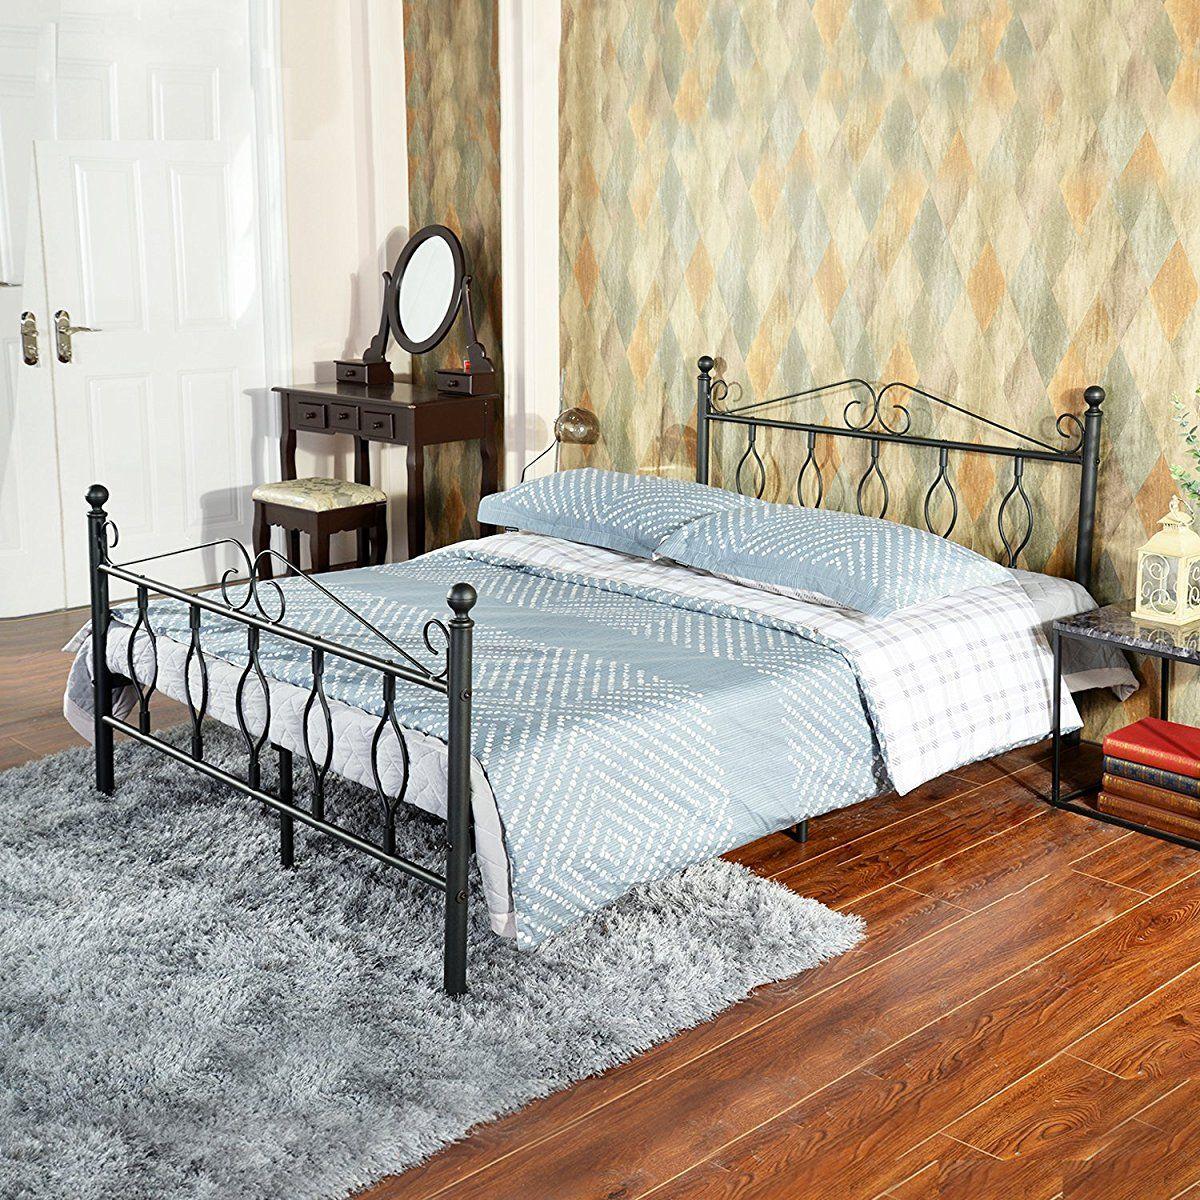 Green Forest Greenforest Full Bed Frame Metal Platform Complete